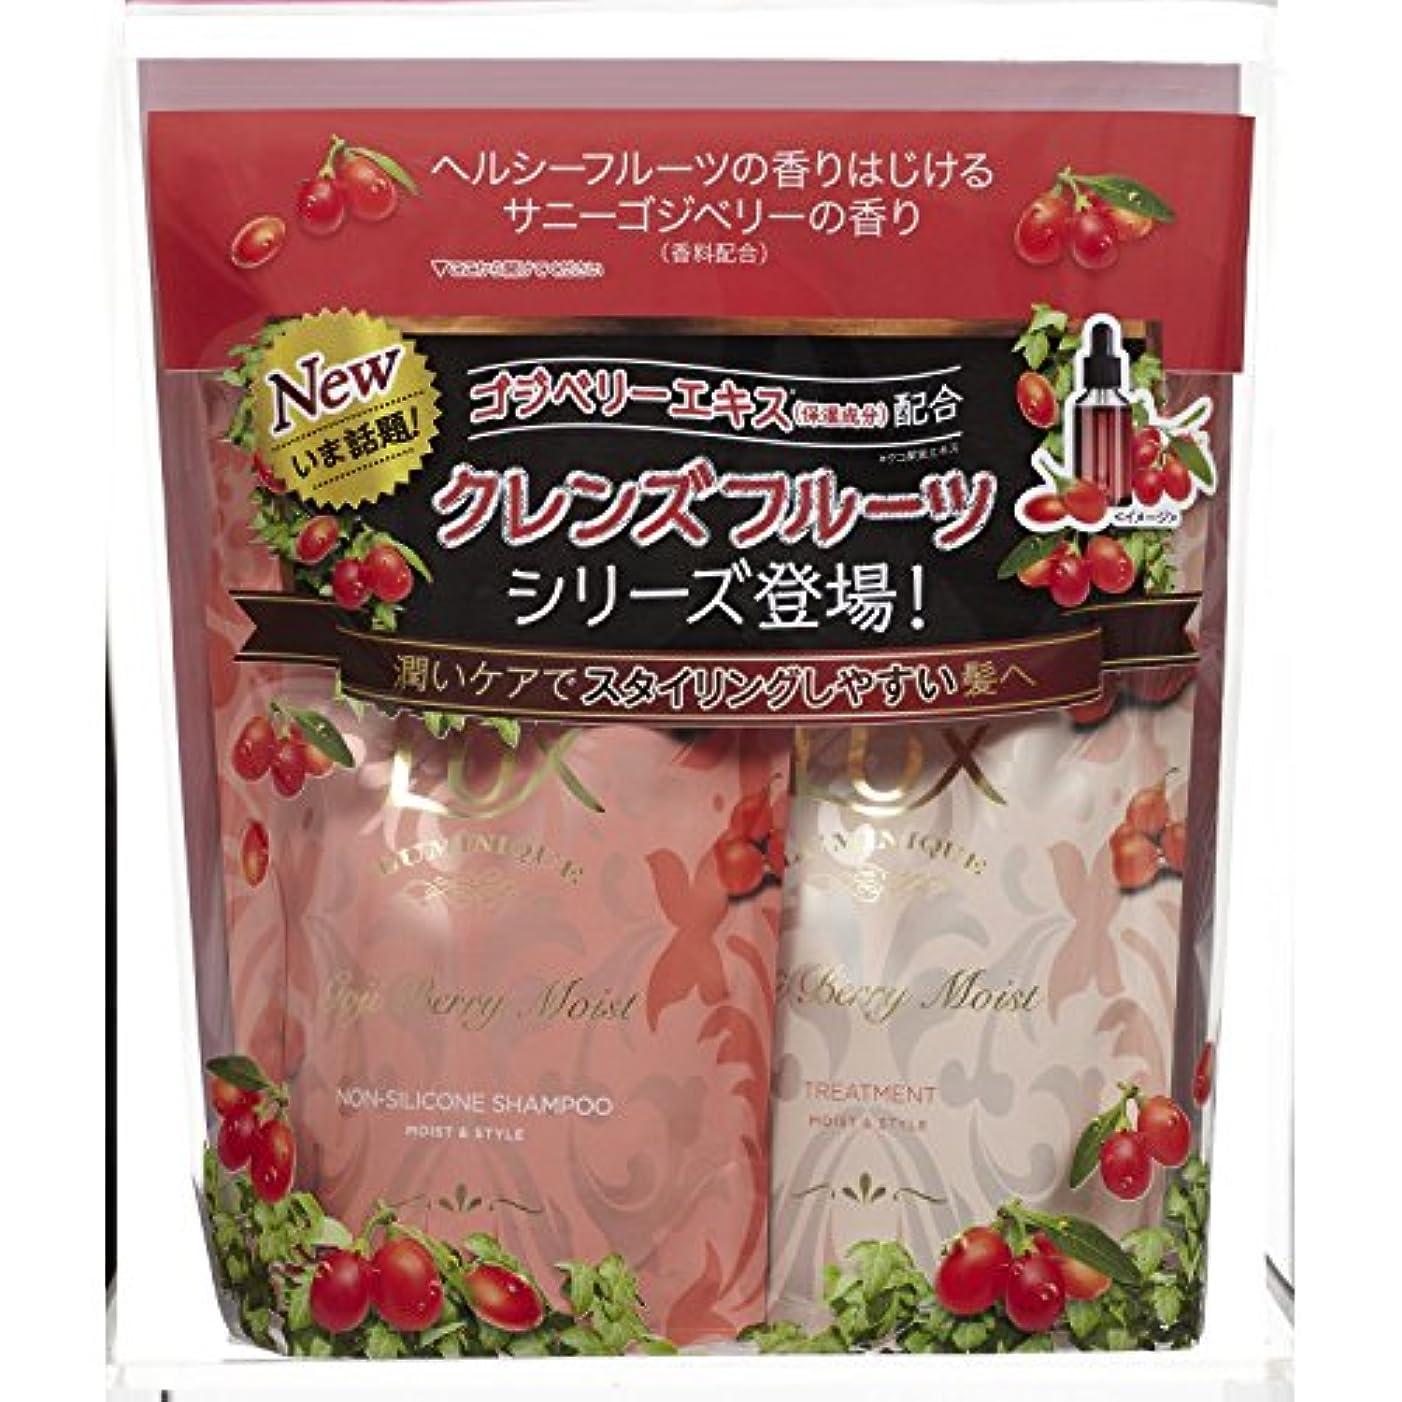 アラーム兵隊フォーラムラックス ルミニーク ゴジベリーモイスト (サニーゴジベリーの香り) つめかえ用ペア 350g+350g